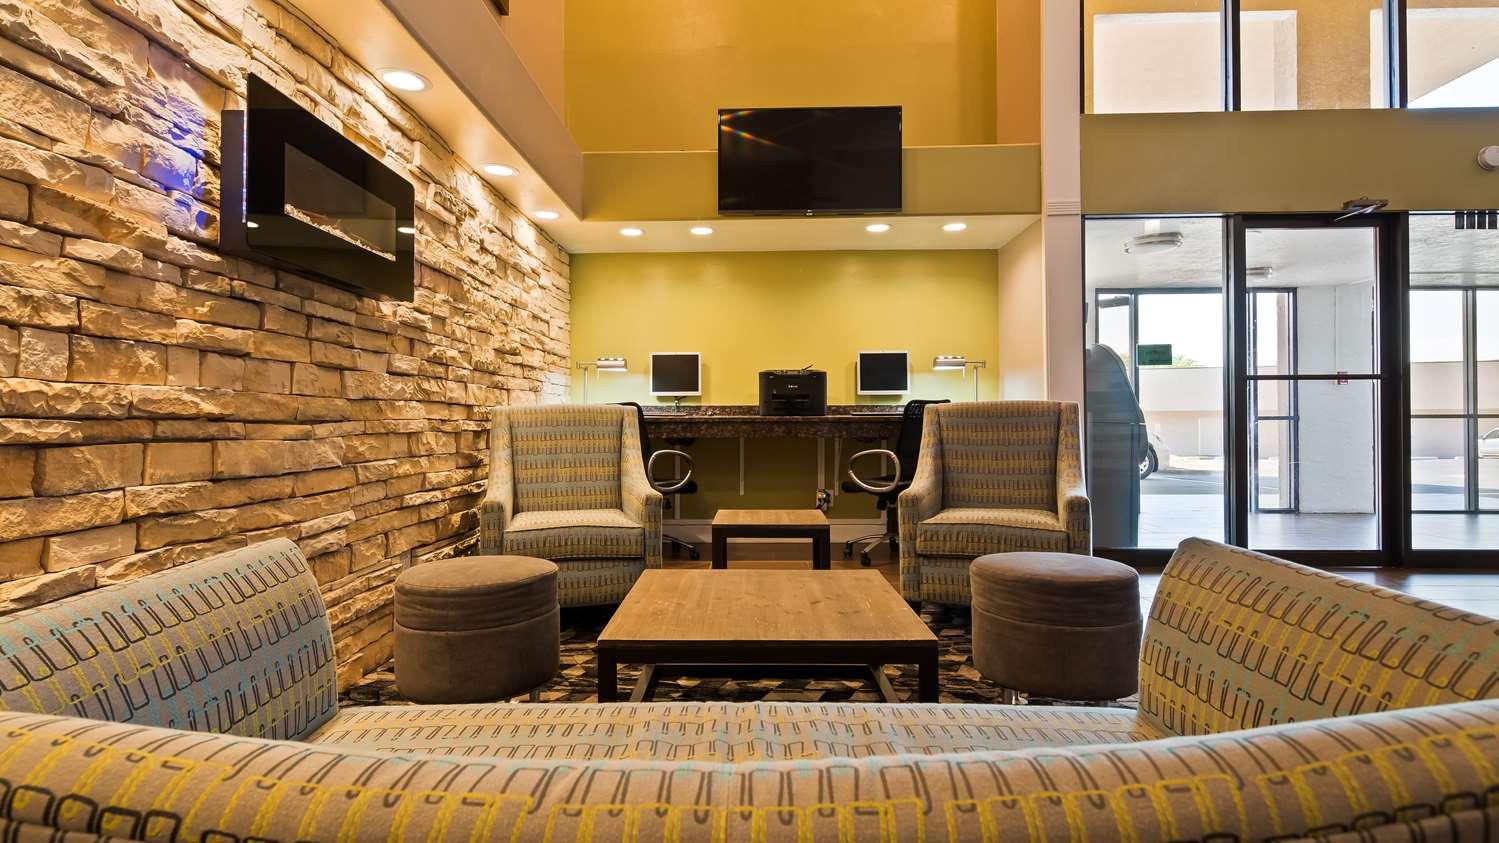 Best Western InnSuites Hotel & Suites Albuquerque, NM - See Discounts